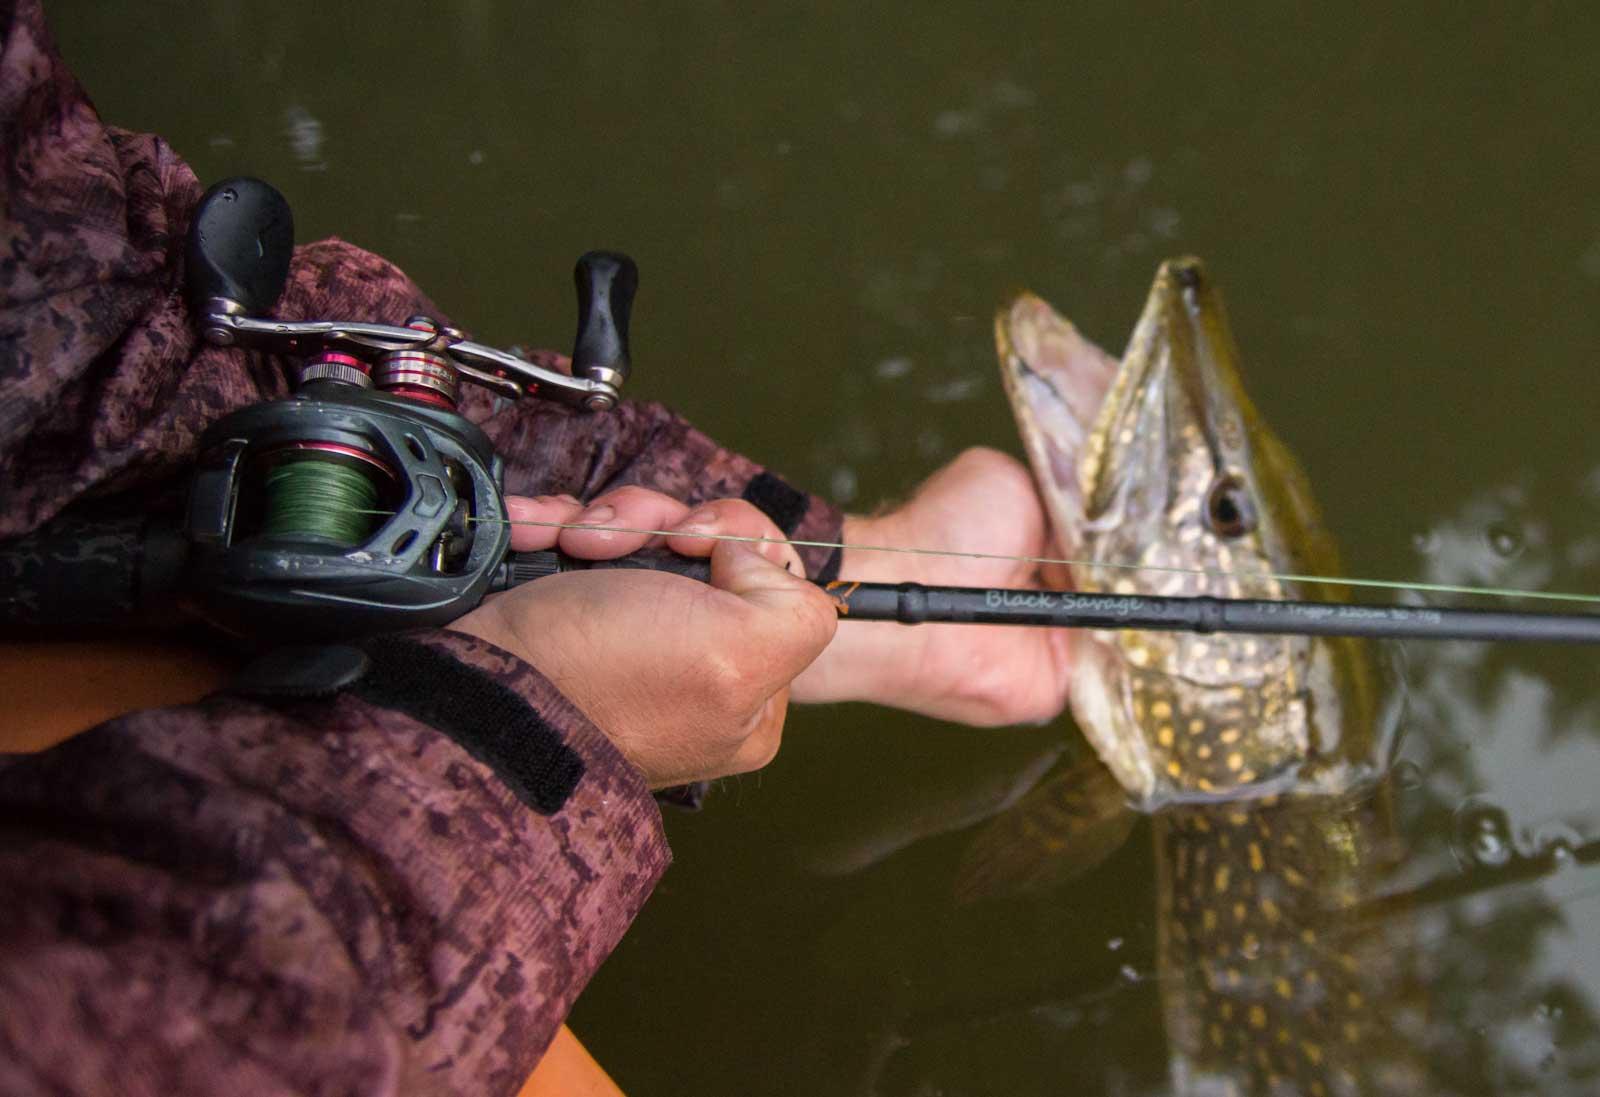 Eine Baitcaster erleichtert das zielgenaue Auswerfen beim Hechtangeln mit dem Texas-Rig. Foto: D.Vignjevic